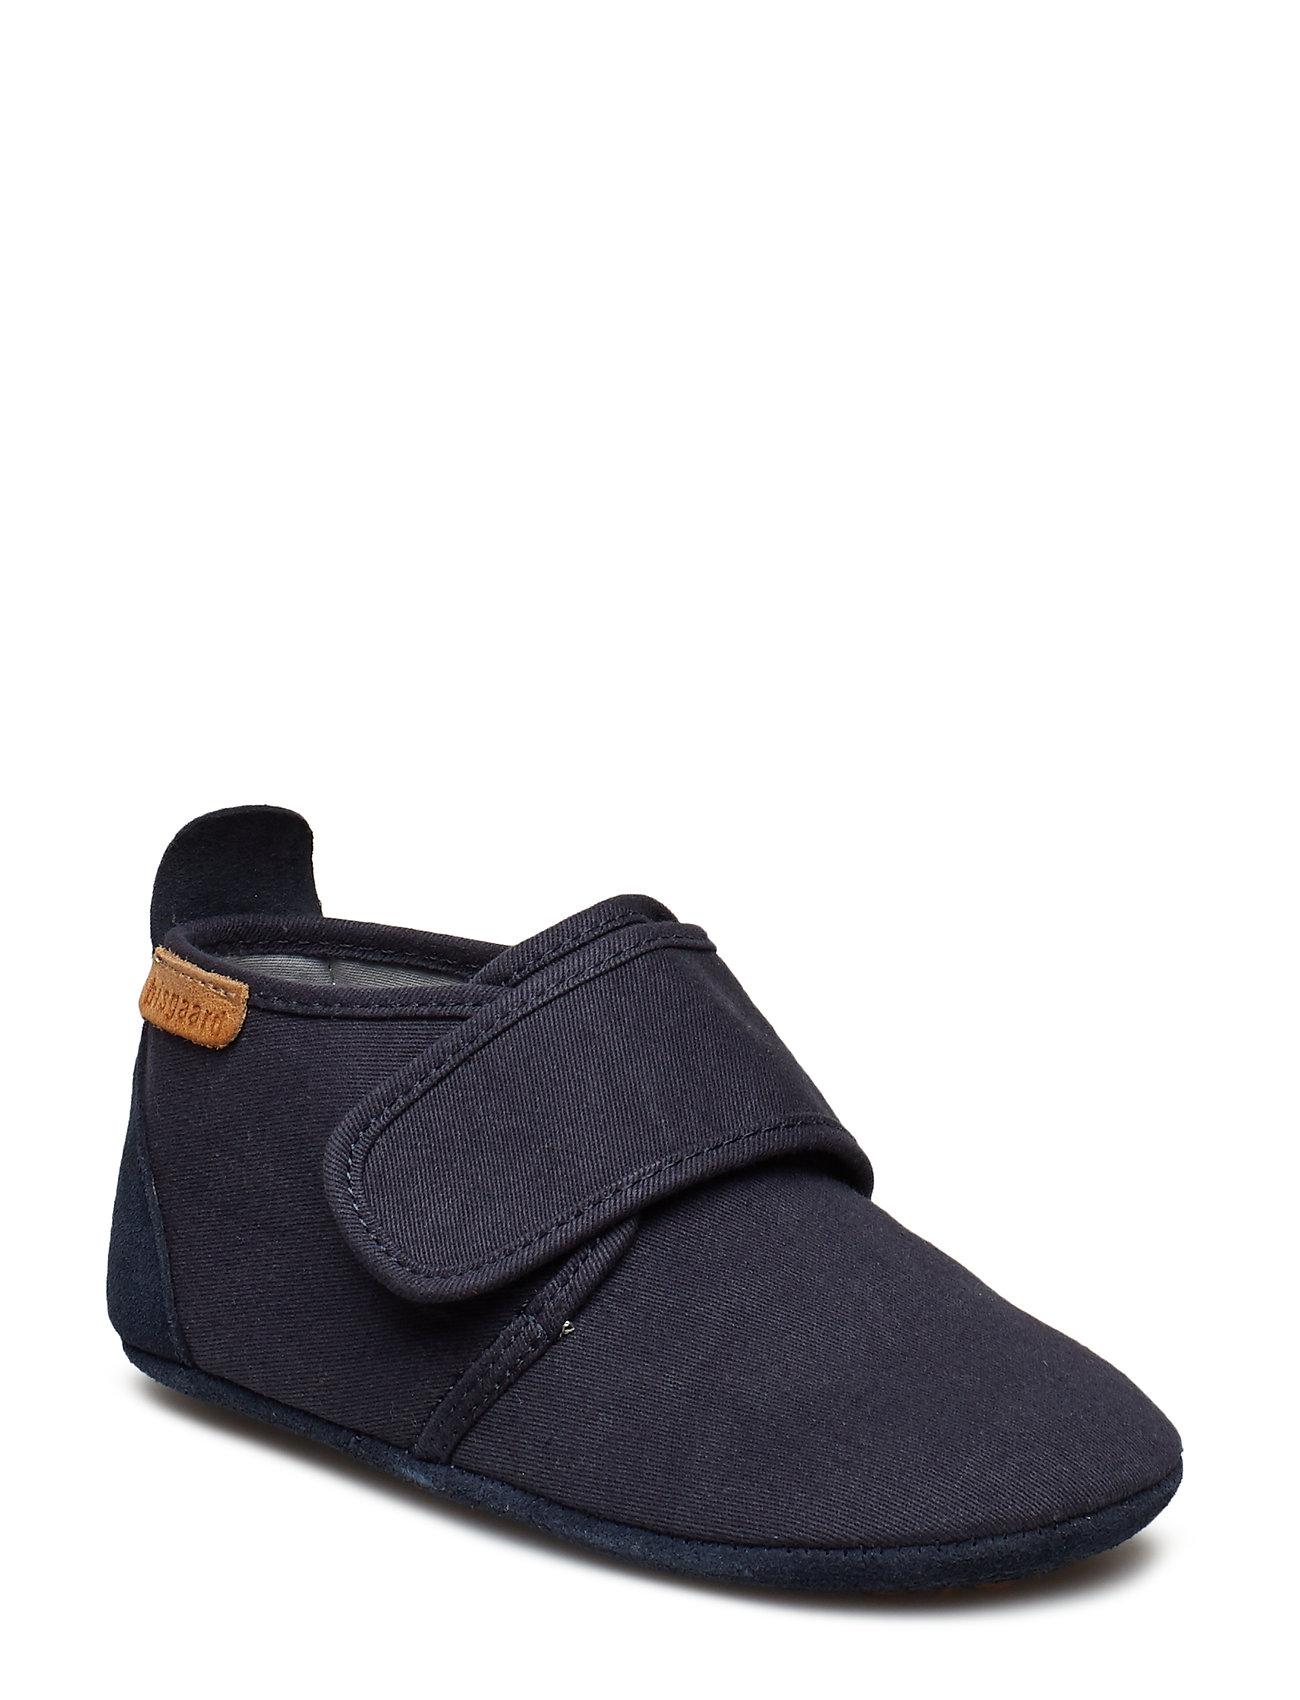 Bisgaard Cotton Velcro - NAVY